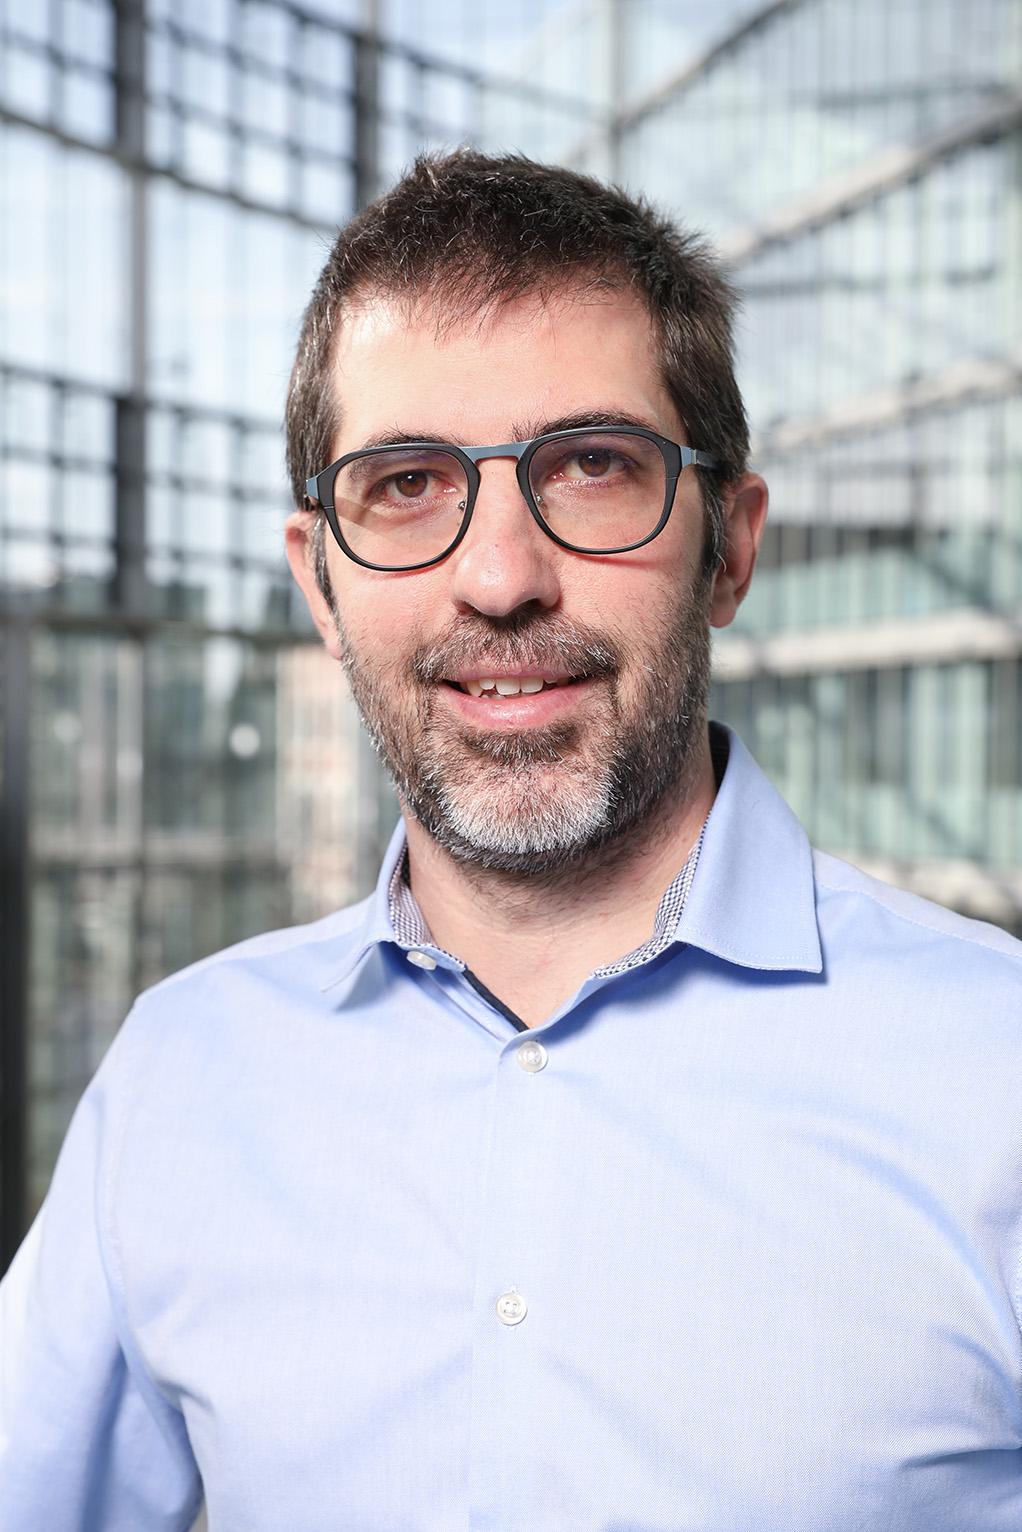 Professor Diego Ghezzi